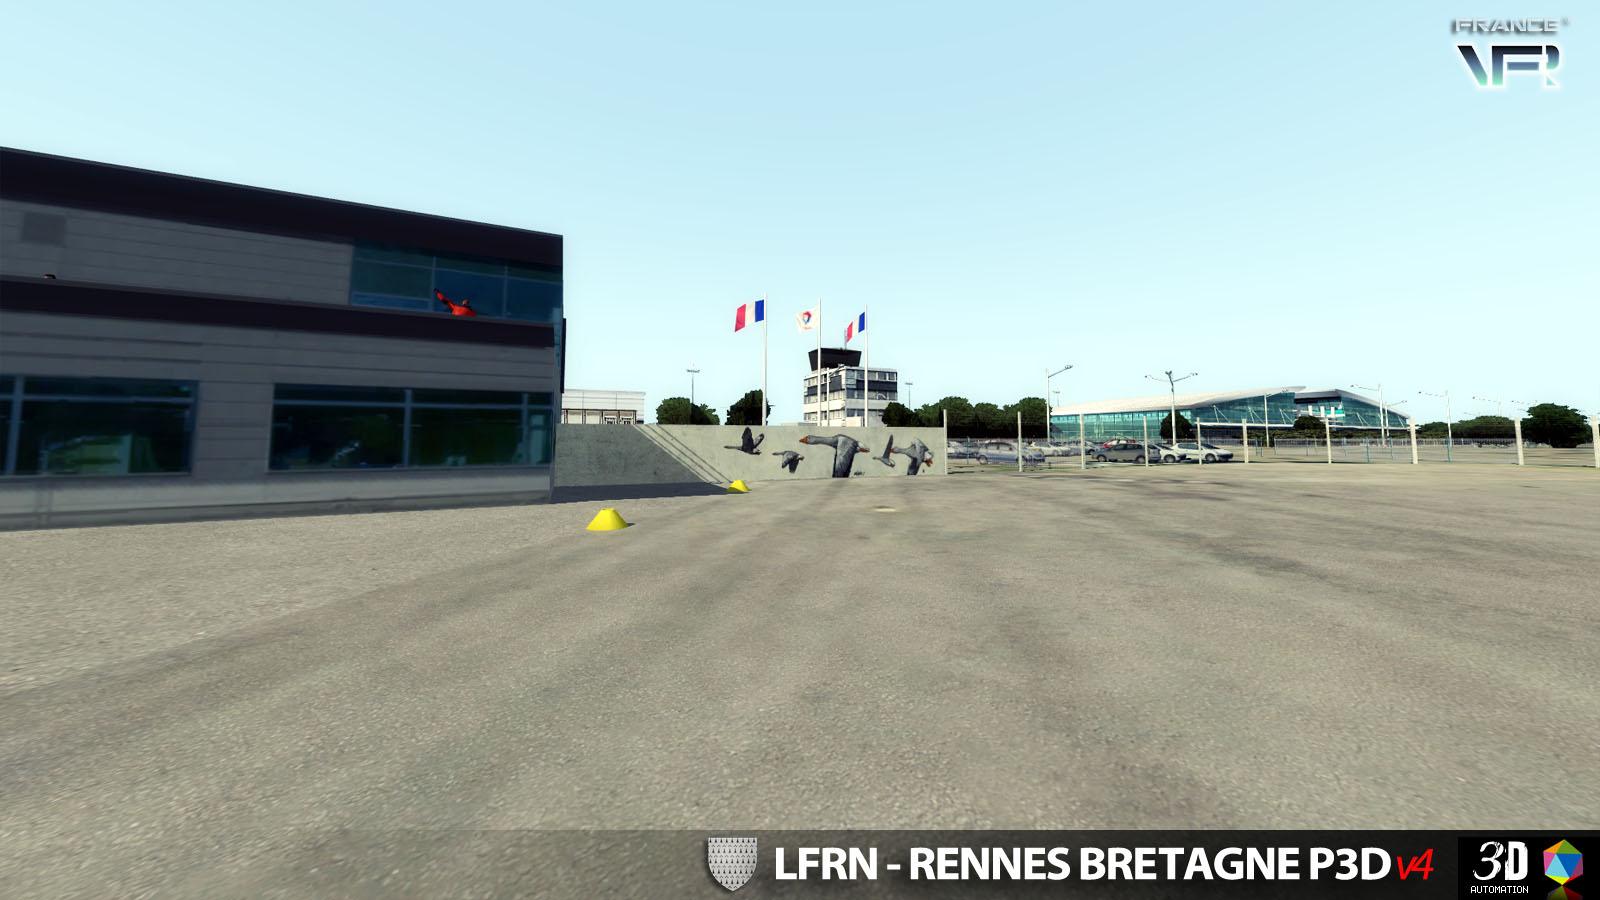 LFRNP3D_16